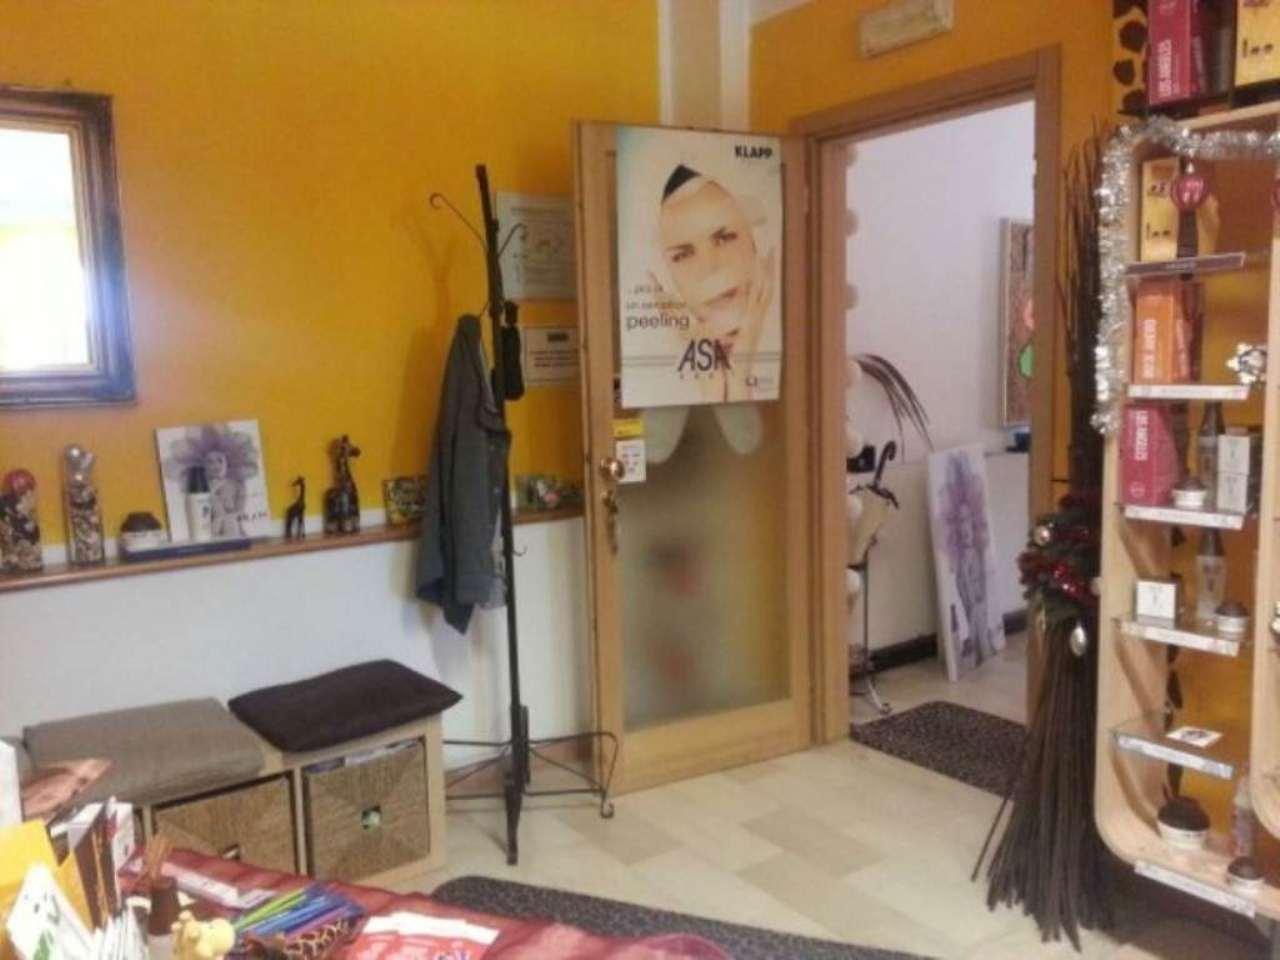 Ufficio / Studio in vendita a Cologno Monzese, 9999 locali, prezzo € 430.000 | CambioCasa.it